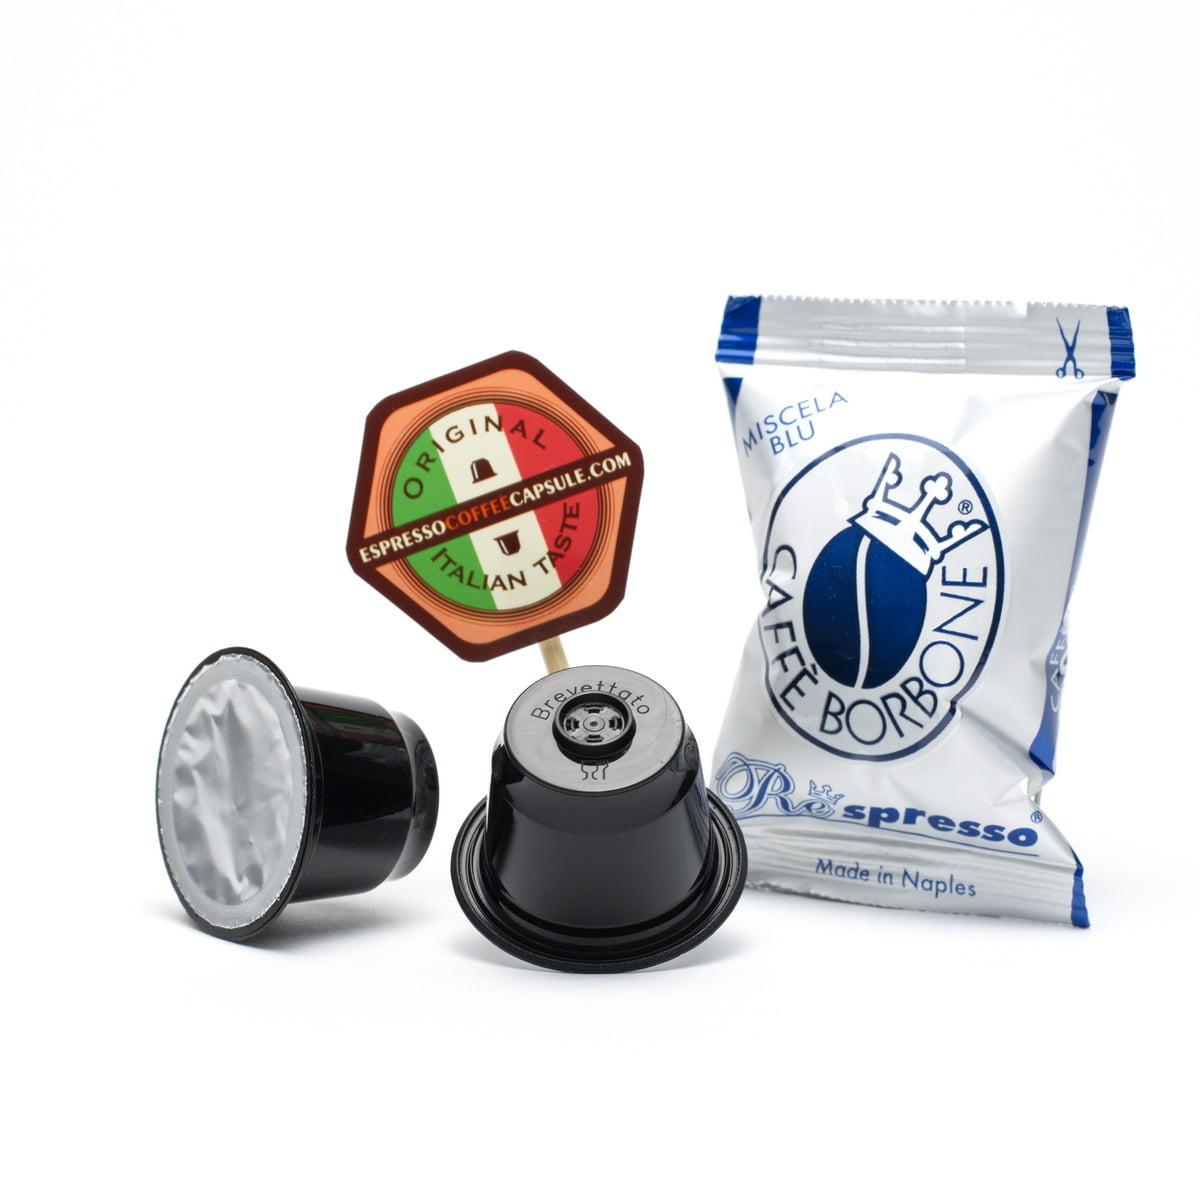 BORBONE Blue coffee nespresso capsule